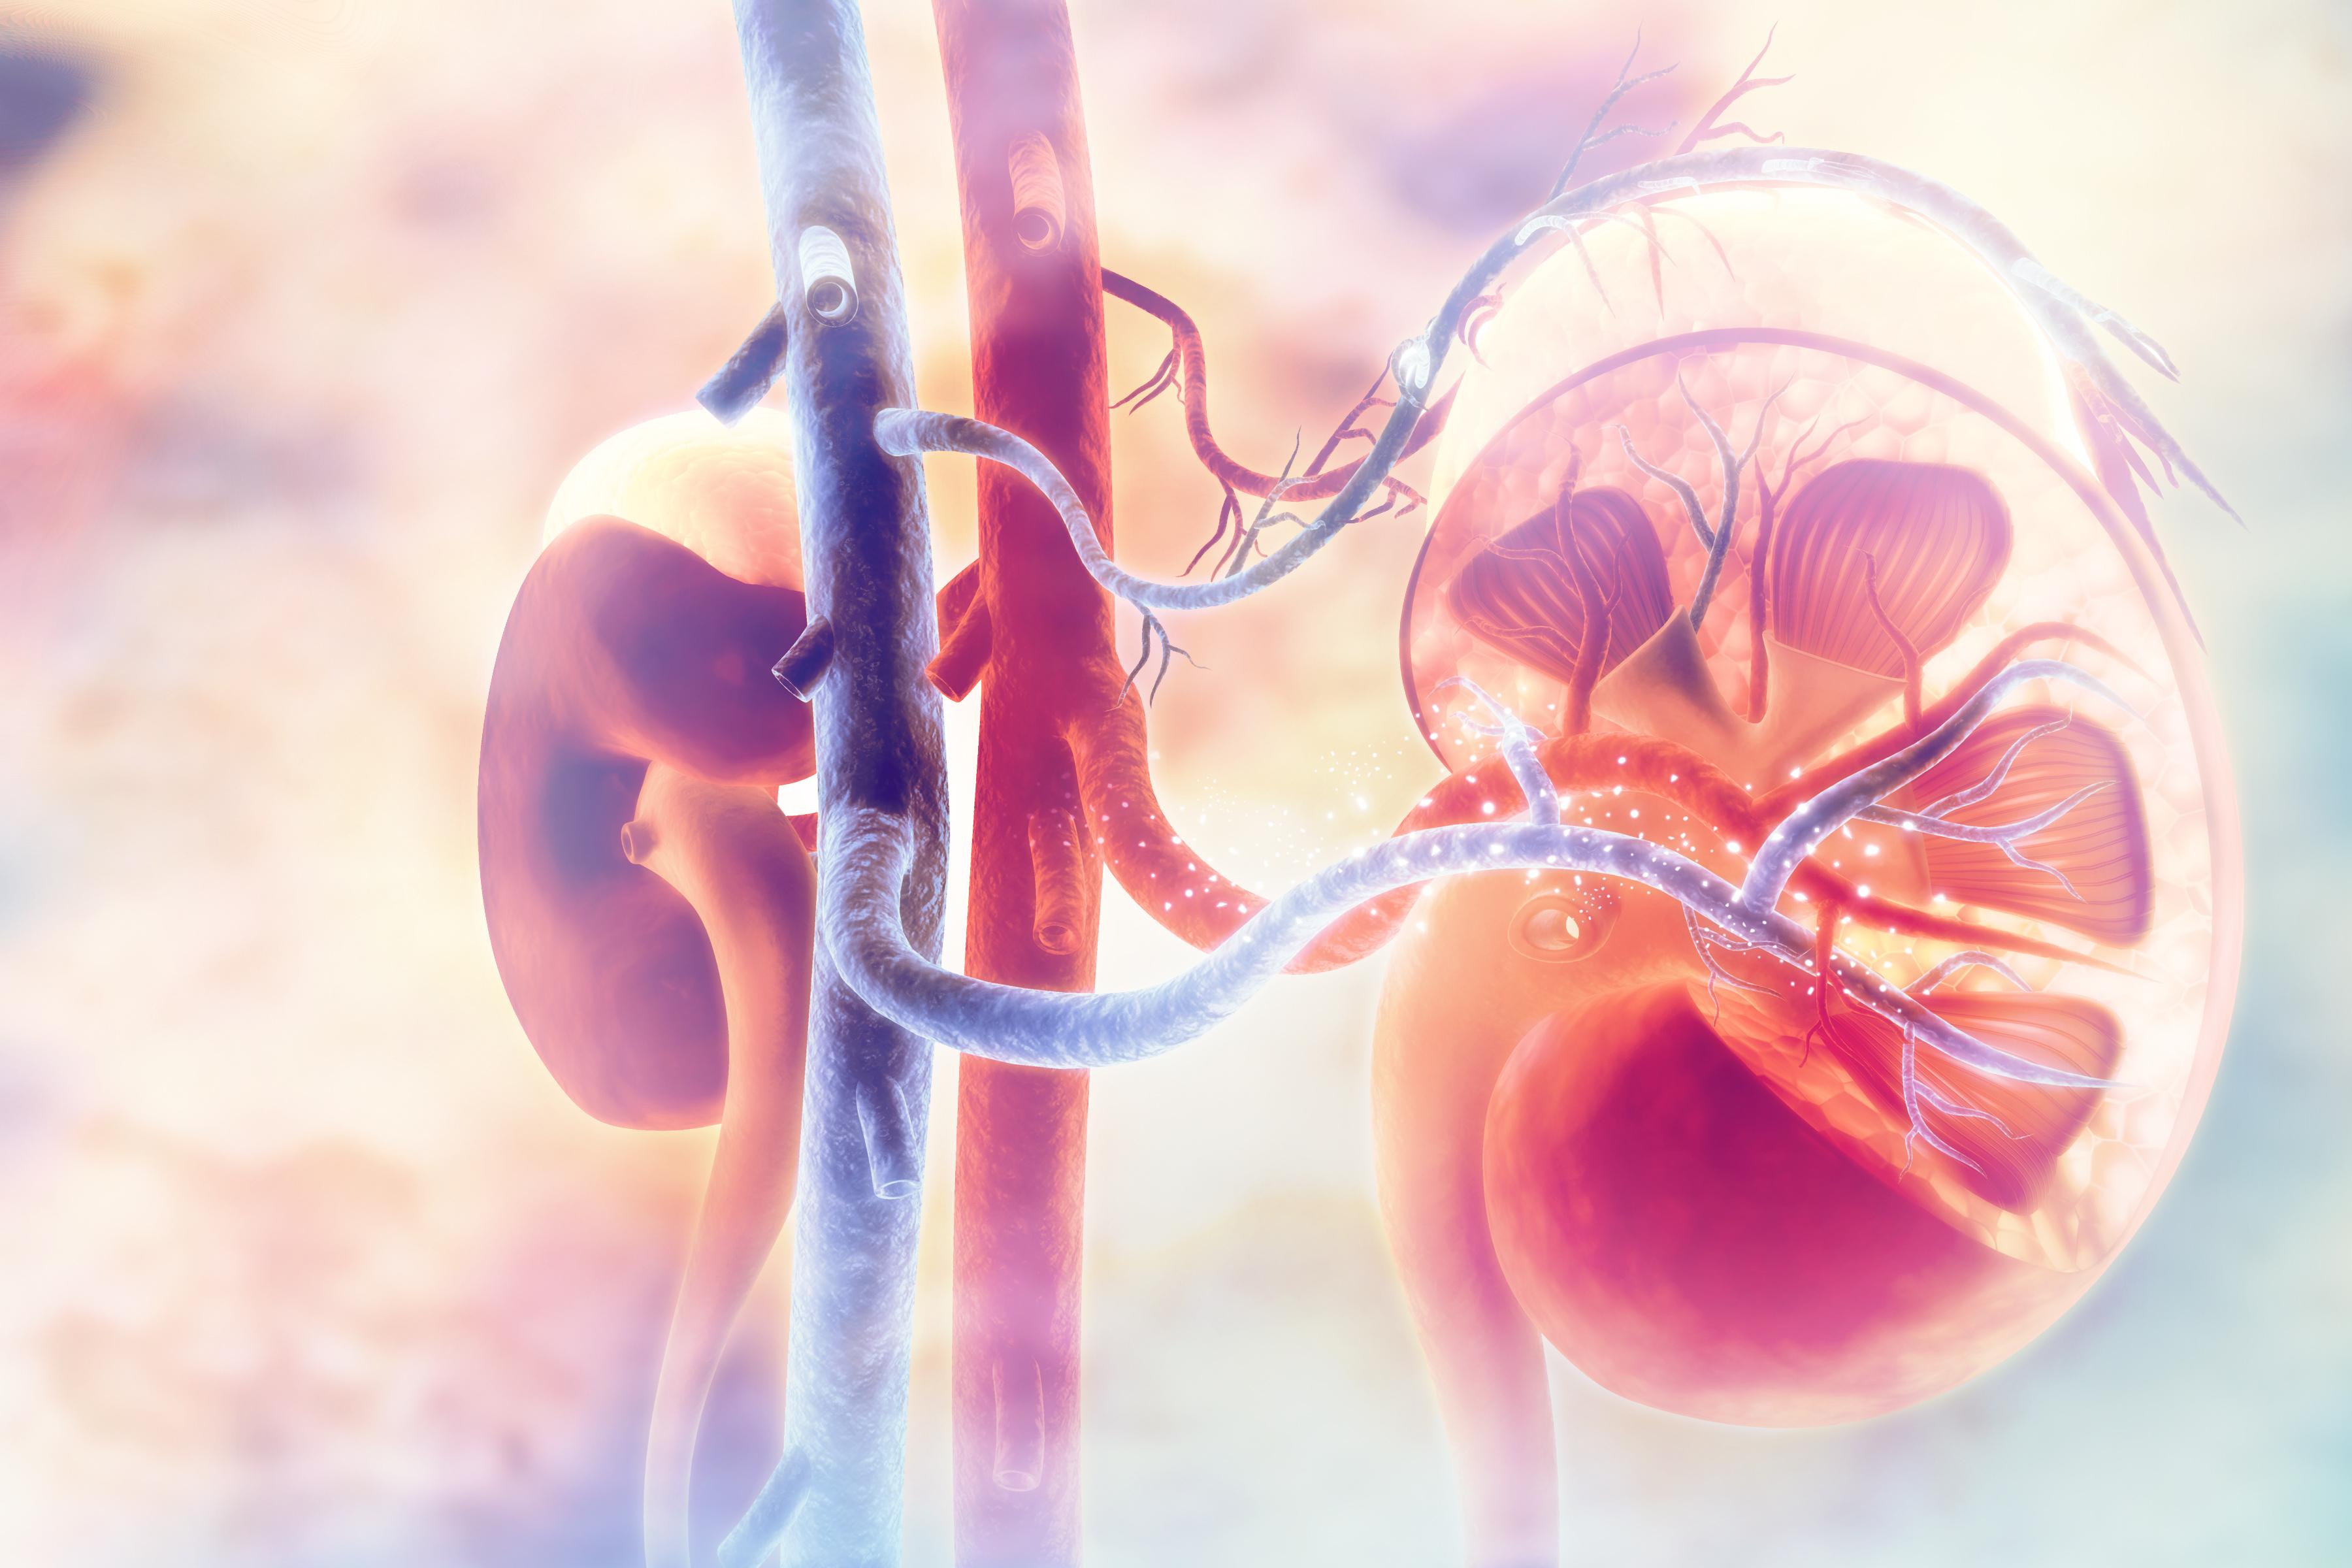 Njurcancer kan vara svårt att upptäcka eftersom sjukdomen ofta saknar symtom.